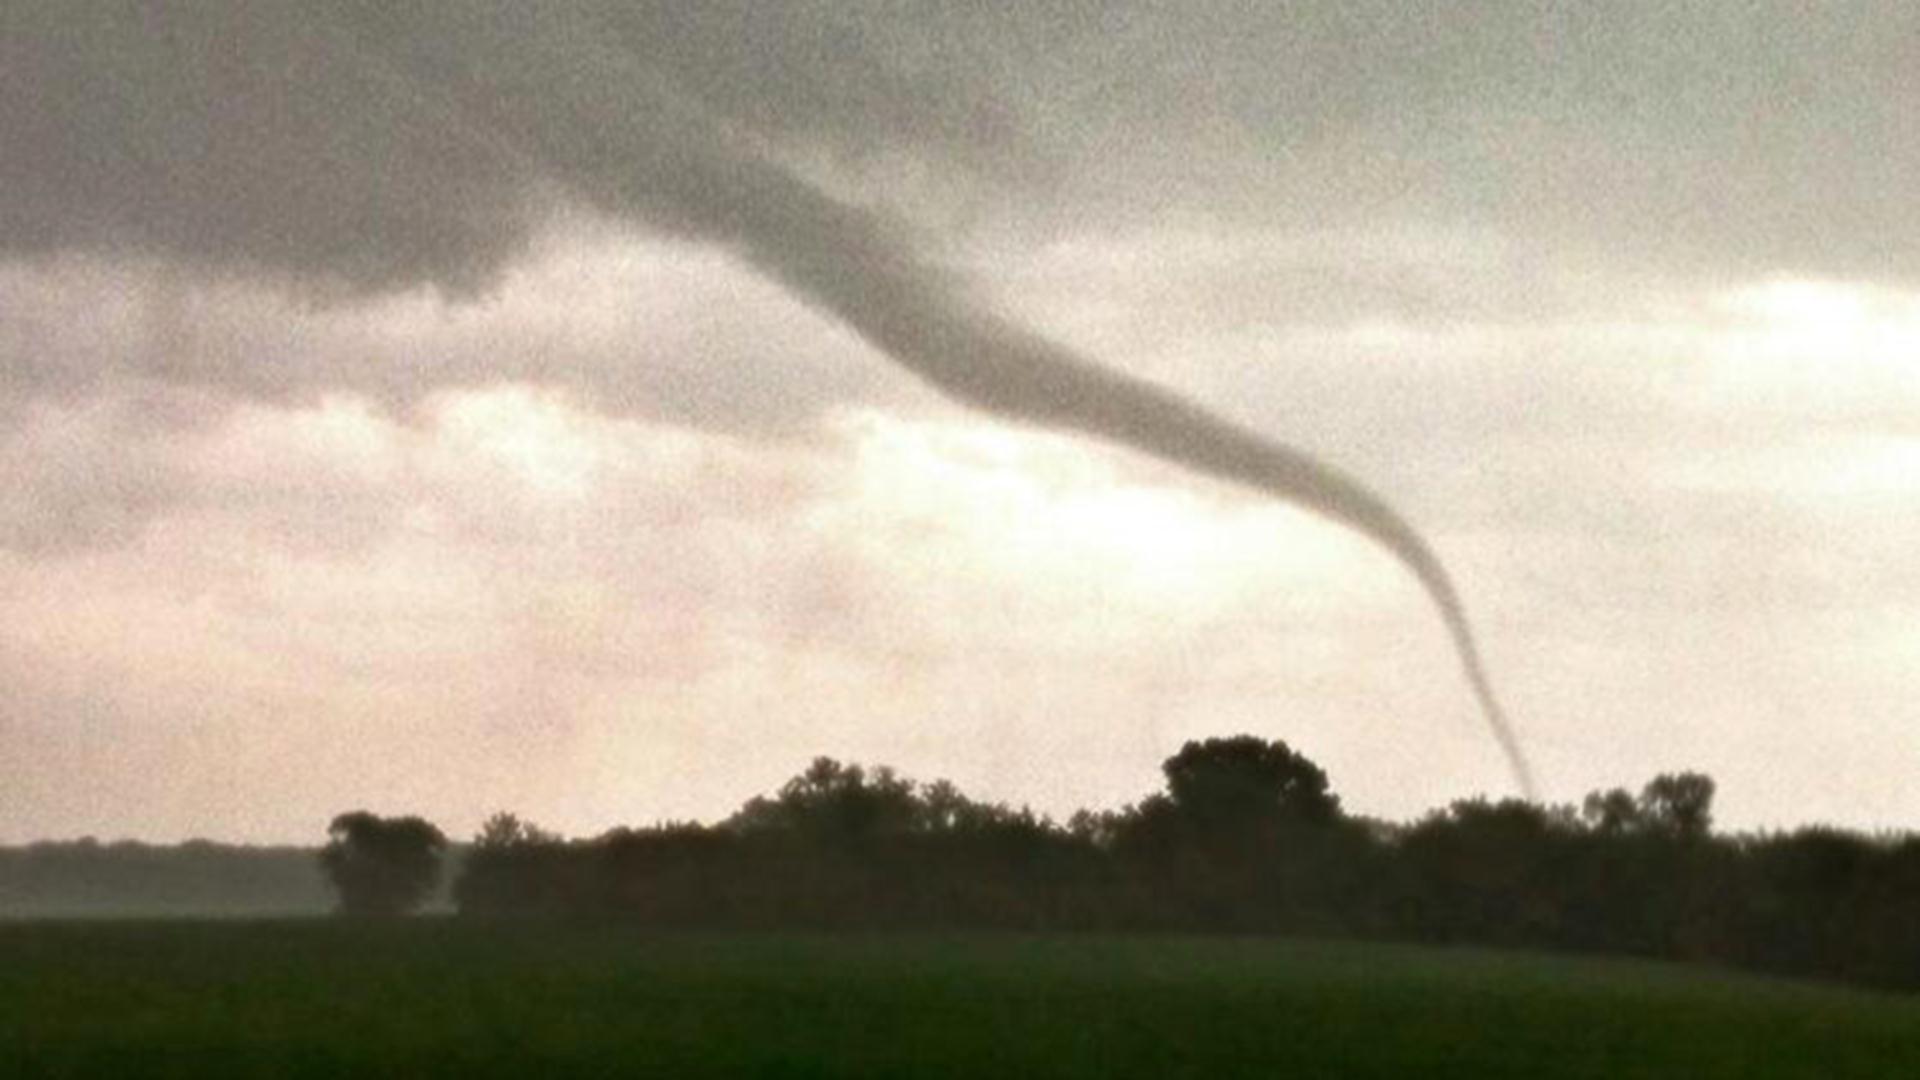 Image: A rope tornado near Viola, Kansas, on May 19, 2013.